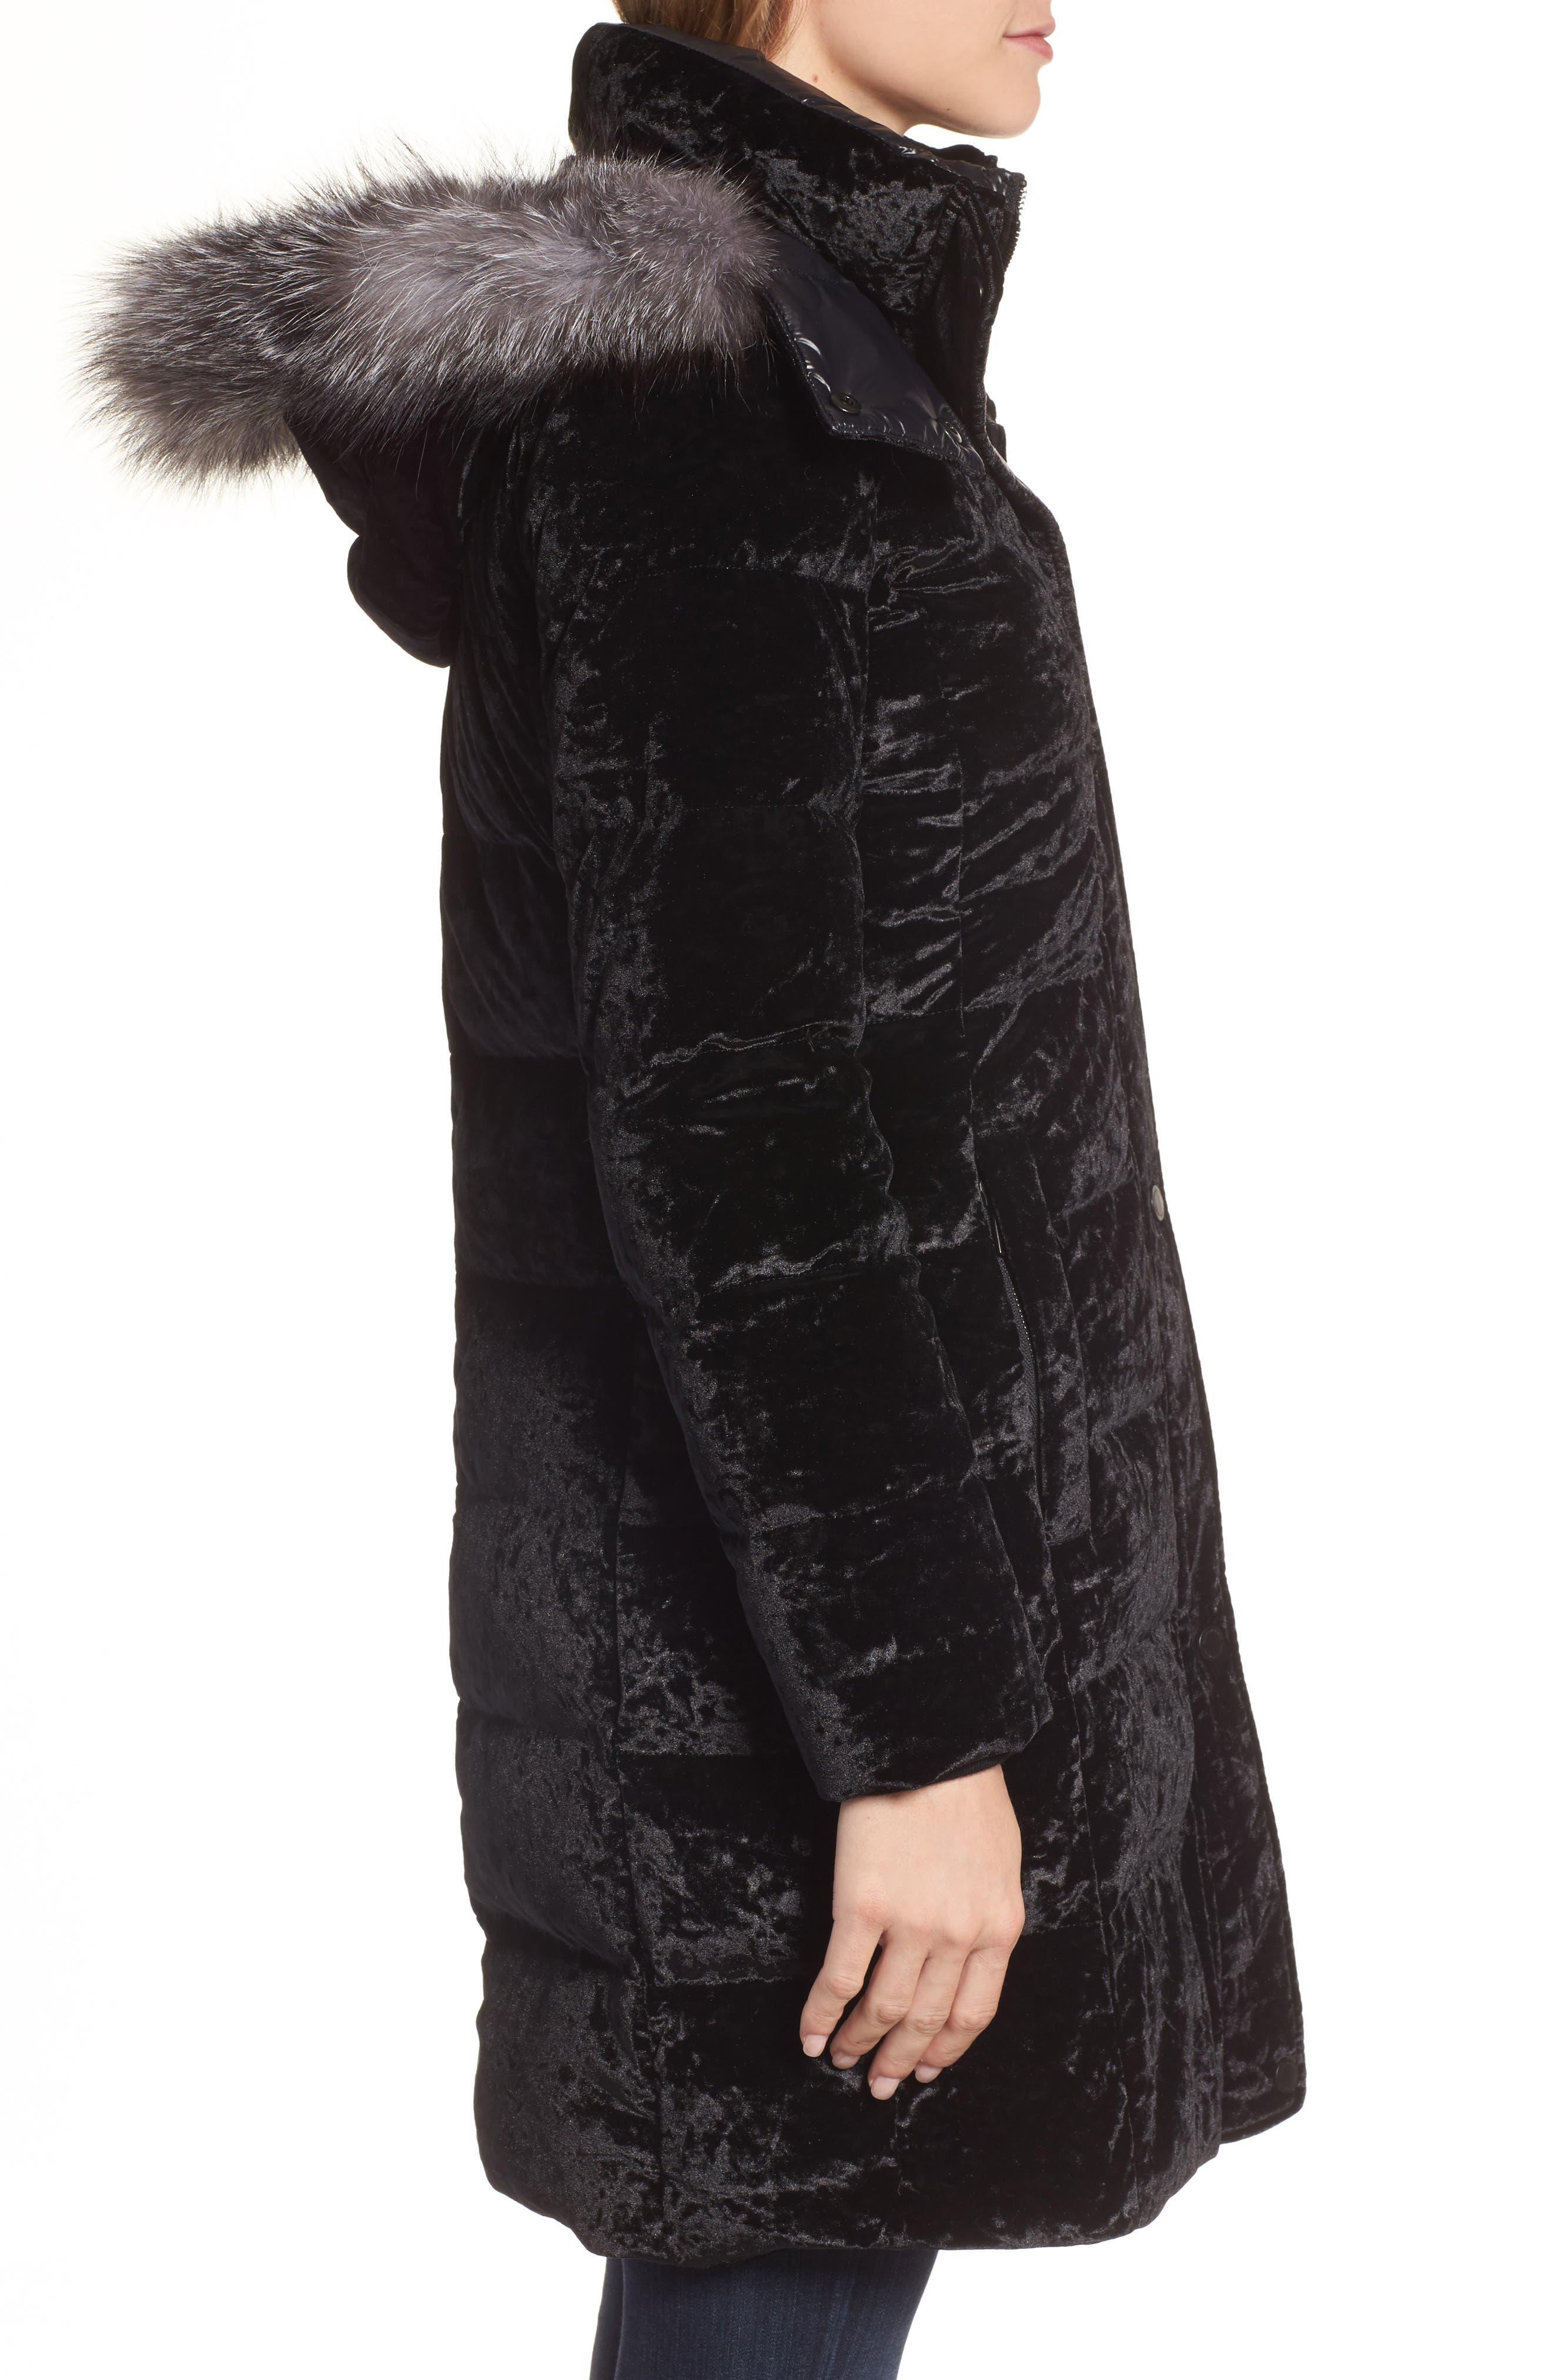 Velvet Down Jacket with Genuine Fox Fur,                             Alternate thumbnail 3, color,                             001